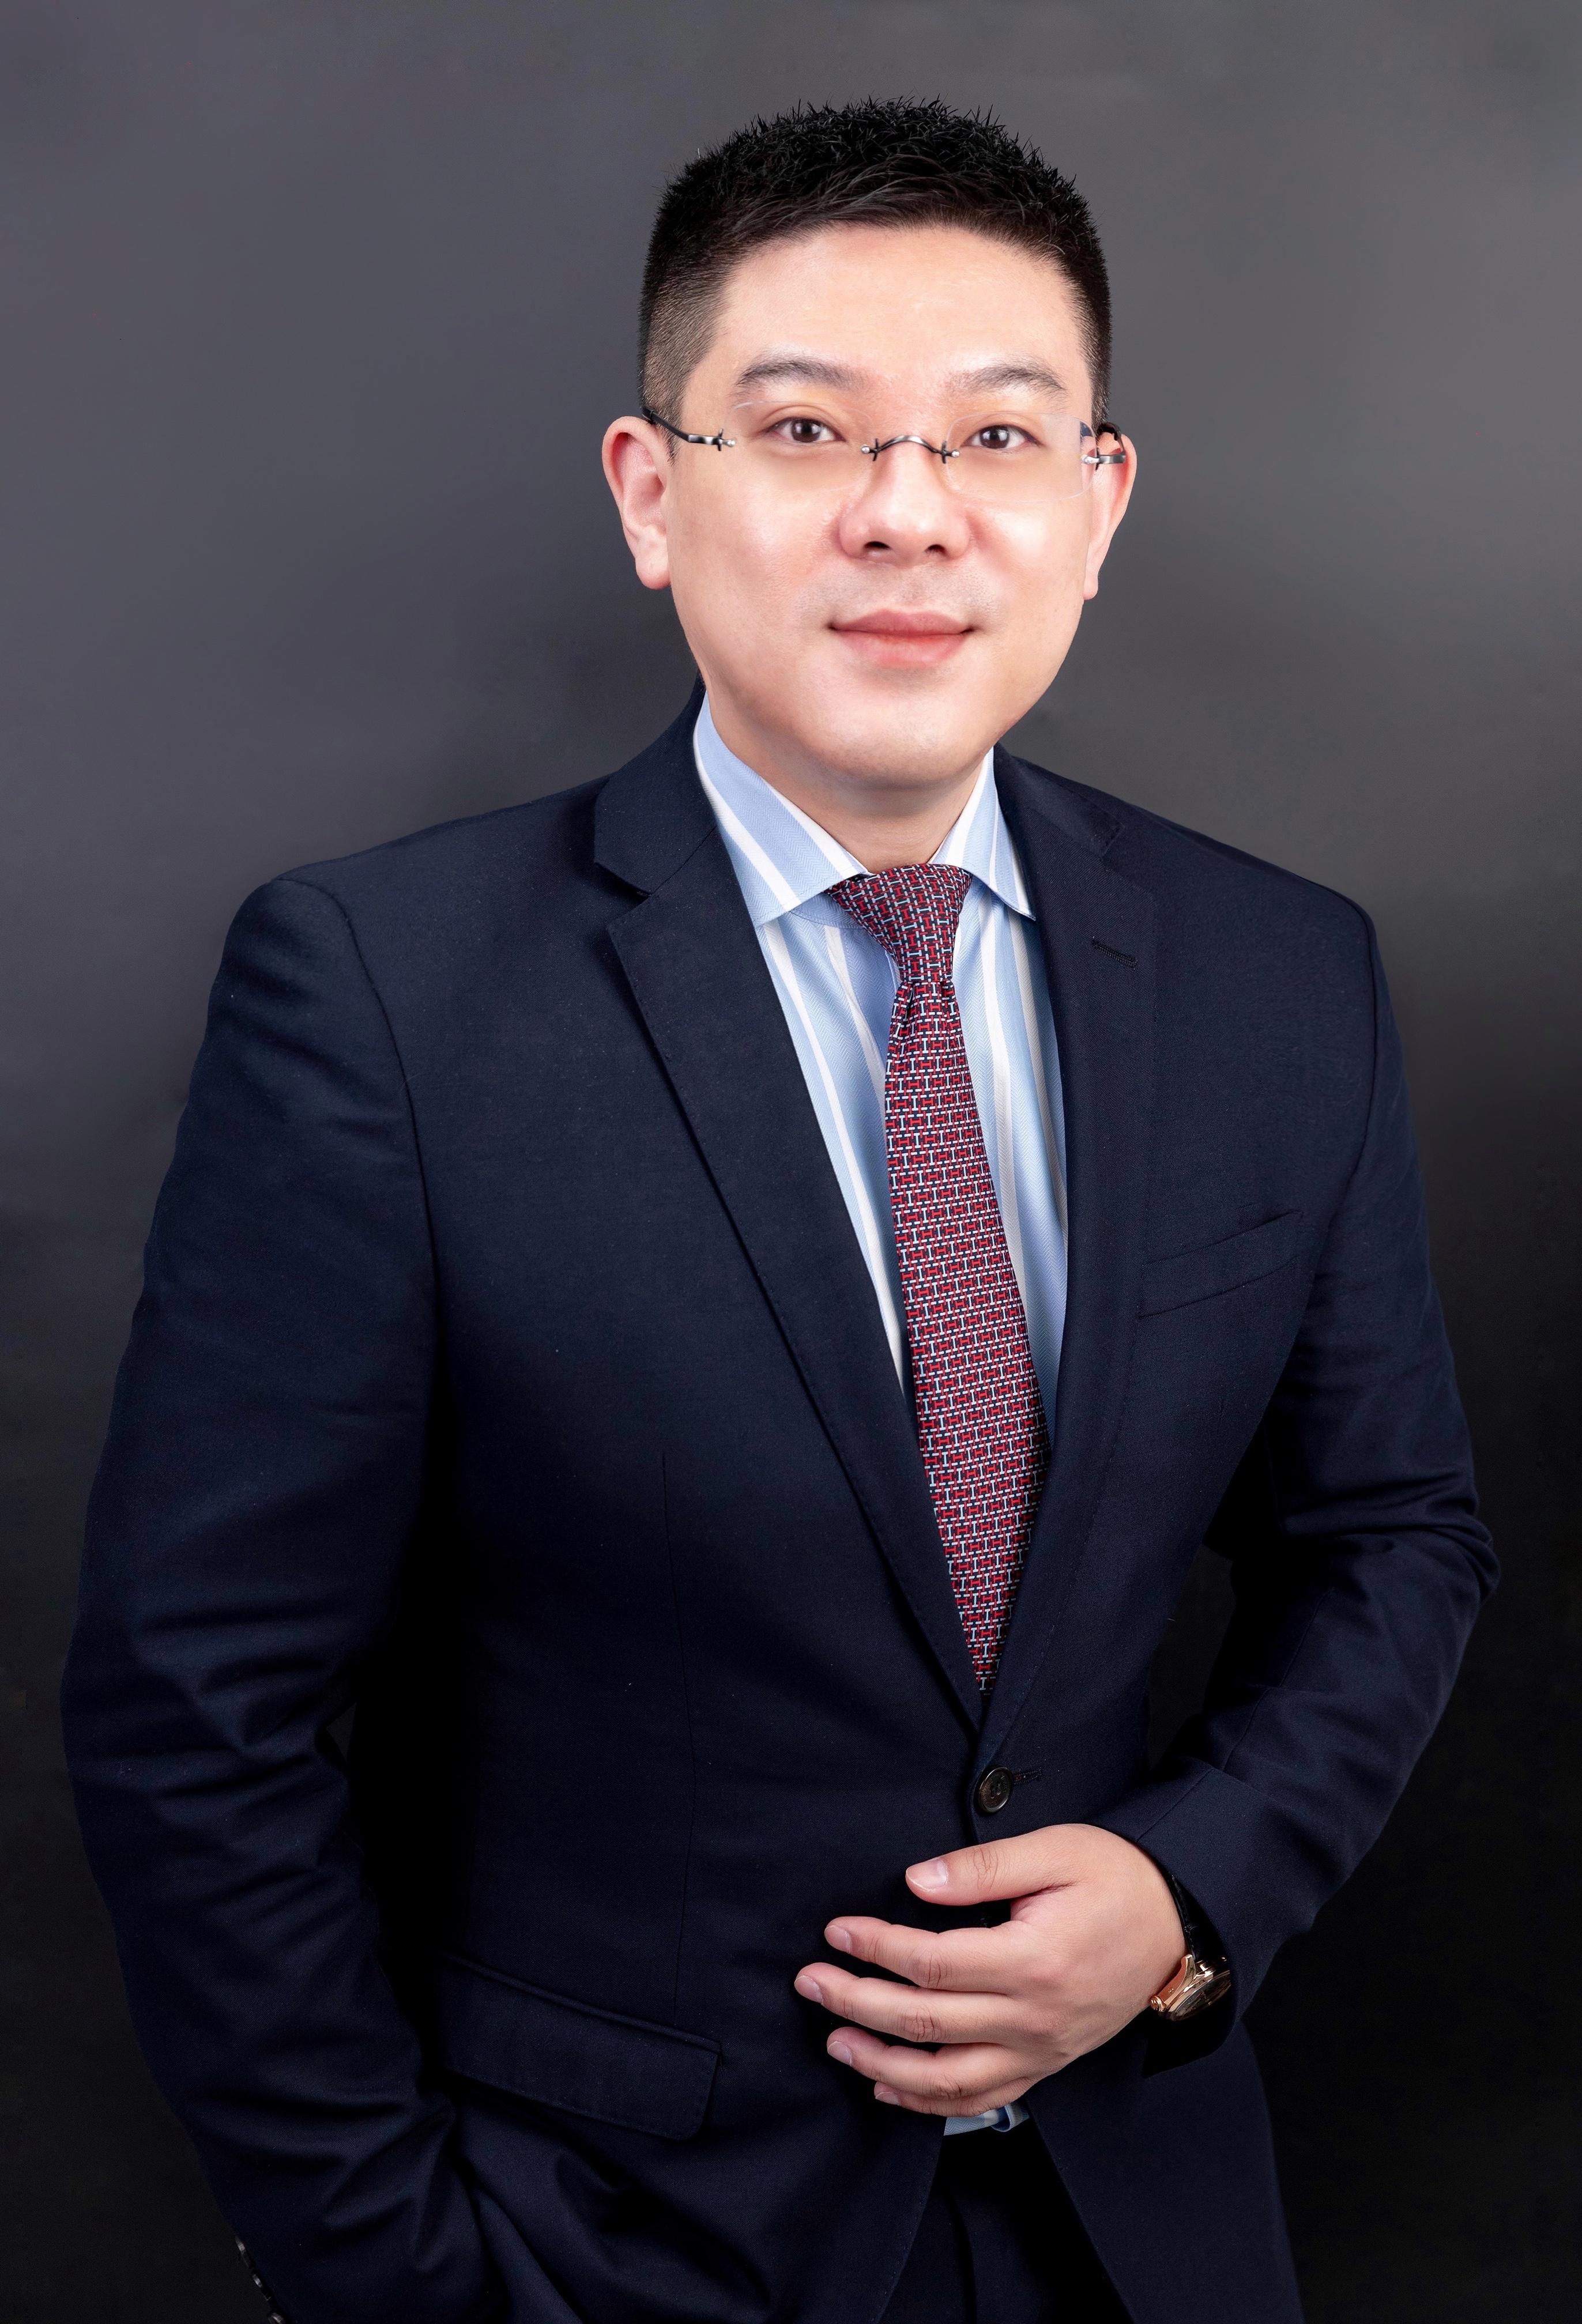 李晓辉先生出任徐州万豪酒店总经理